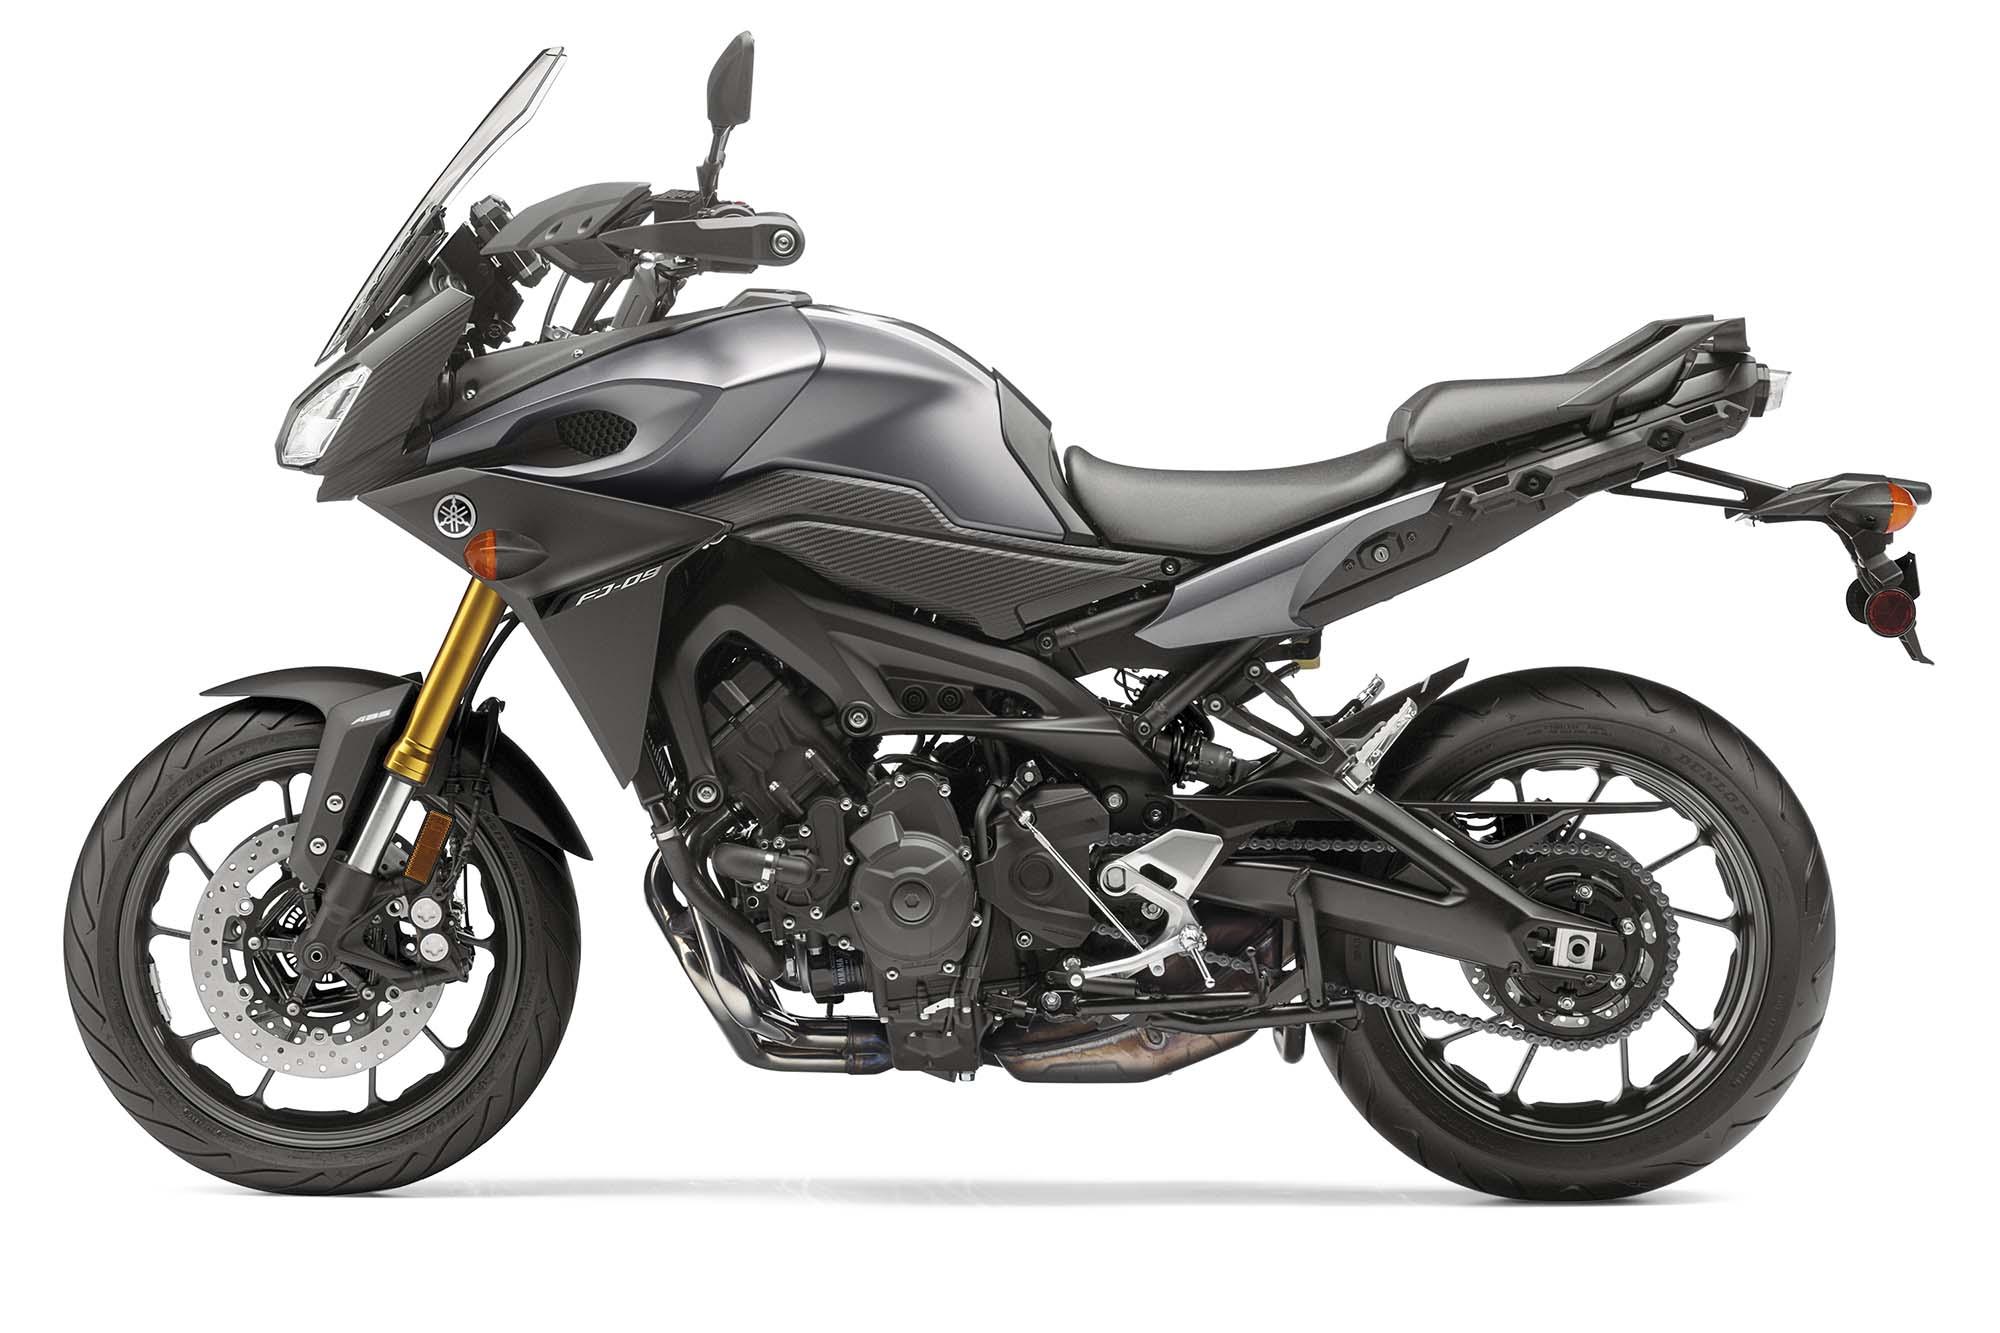 Yamaha Fj Specifications